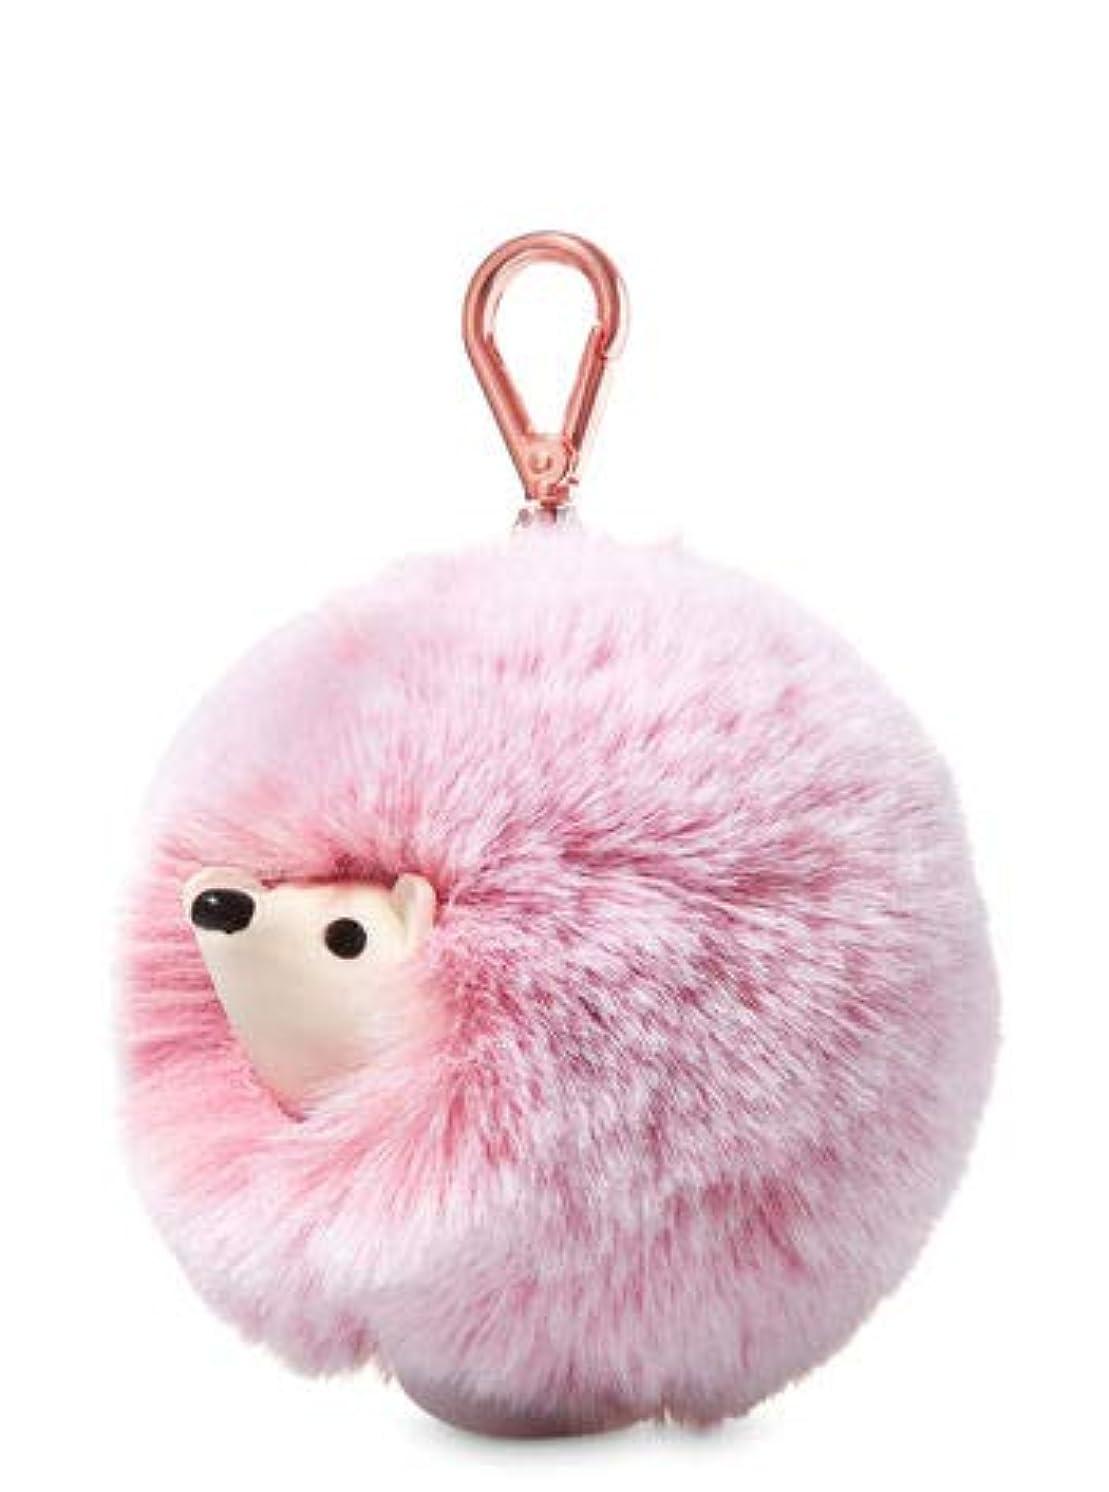 だらしない皮行政【Bath&Body Works/バス&ボディワークス】 抗菌ハンドジェルホルダー ピンクヘッジホッグポンポン Pocketbac Holder Pink Hedgehog Pom-Pom [並行輸入品]